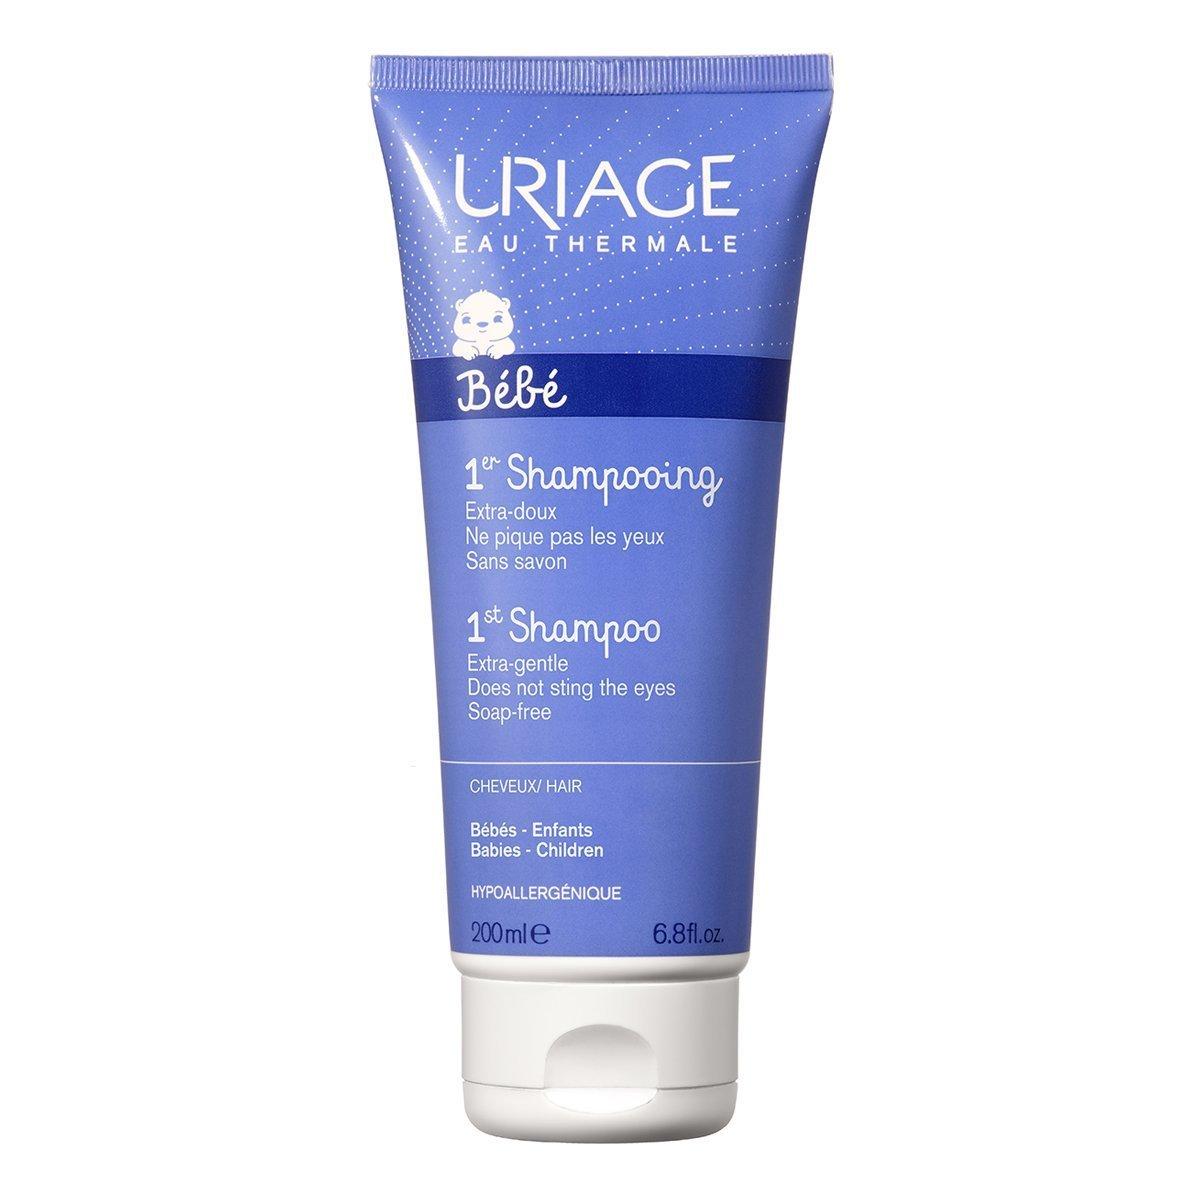 Купить Шампуни, Первый экстрамягкий шампунь для детей Uriage Bebe, 200 мл 15000603/2076 ТМ: Uriage